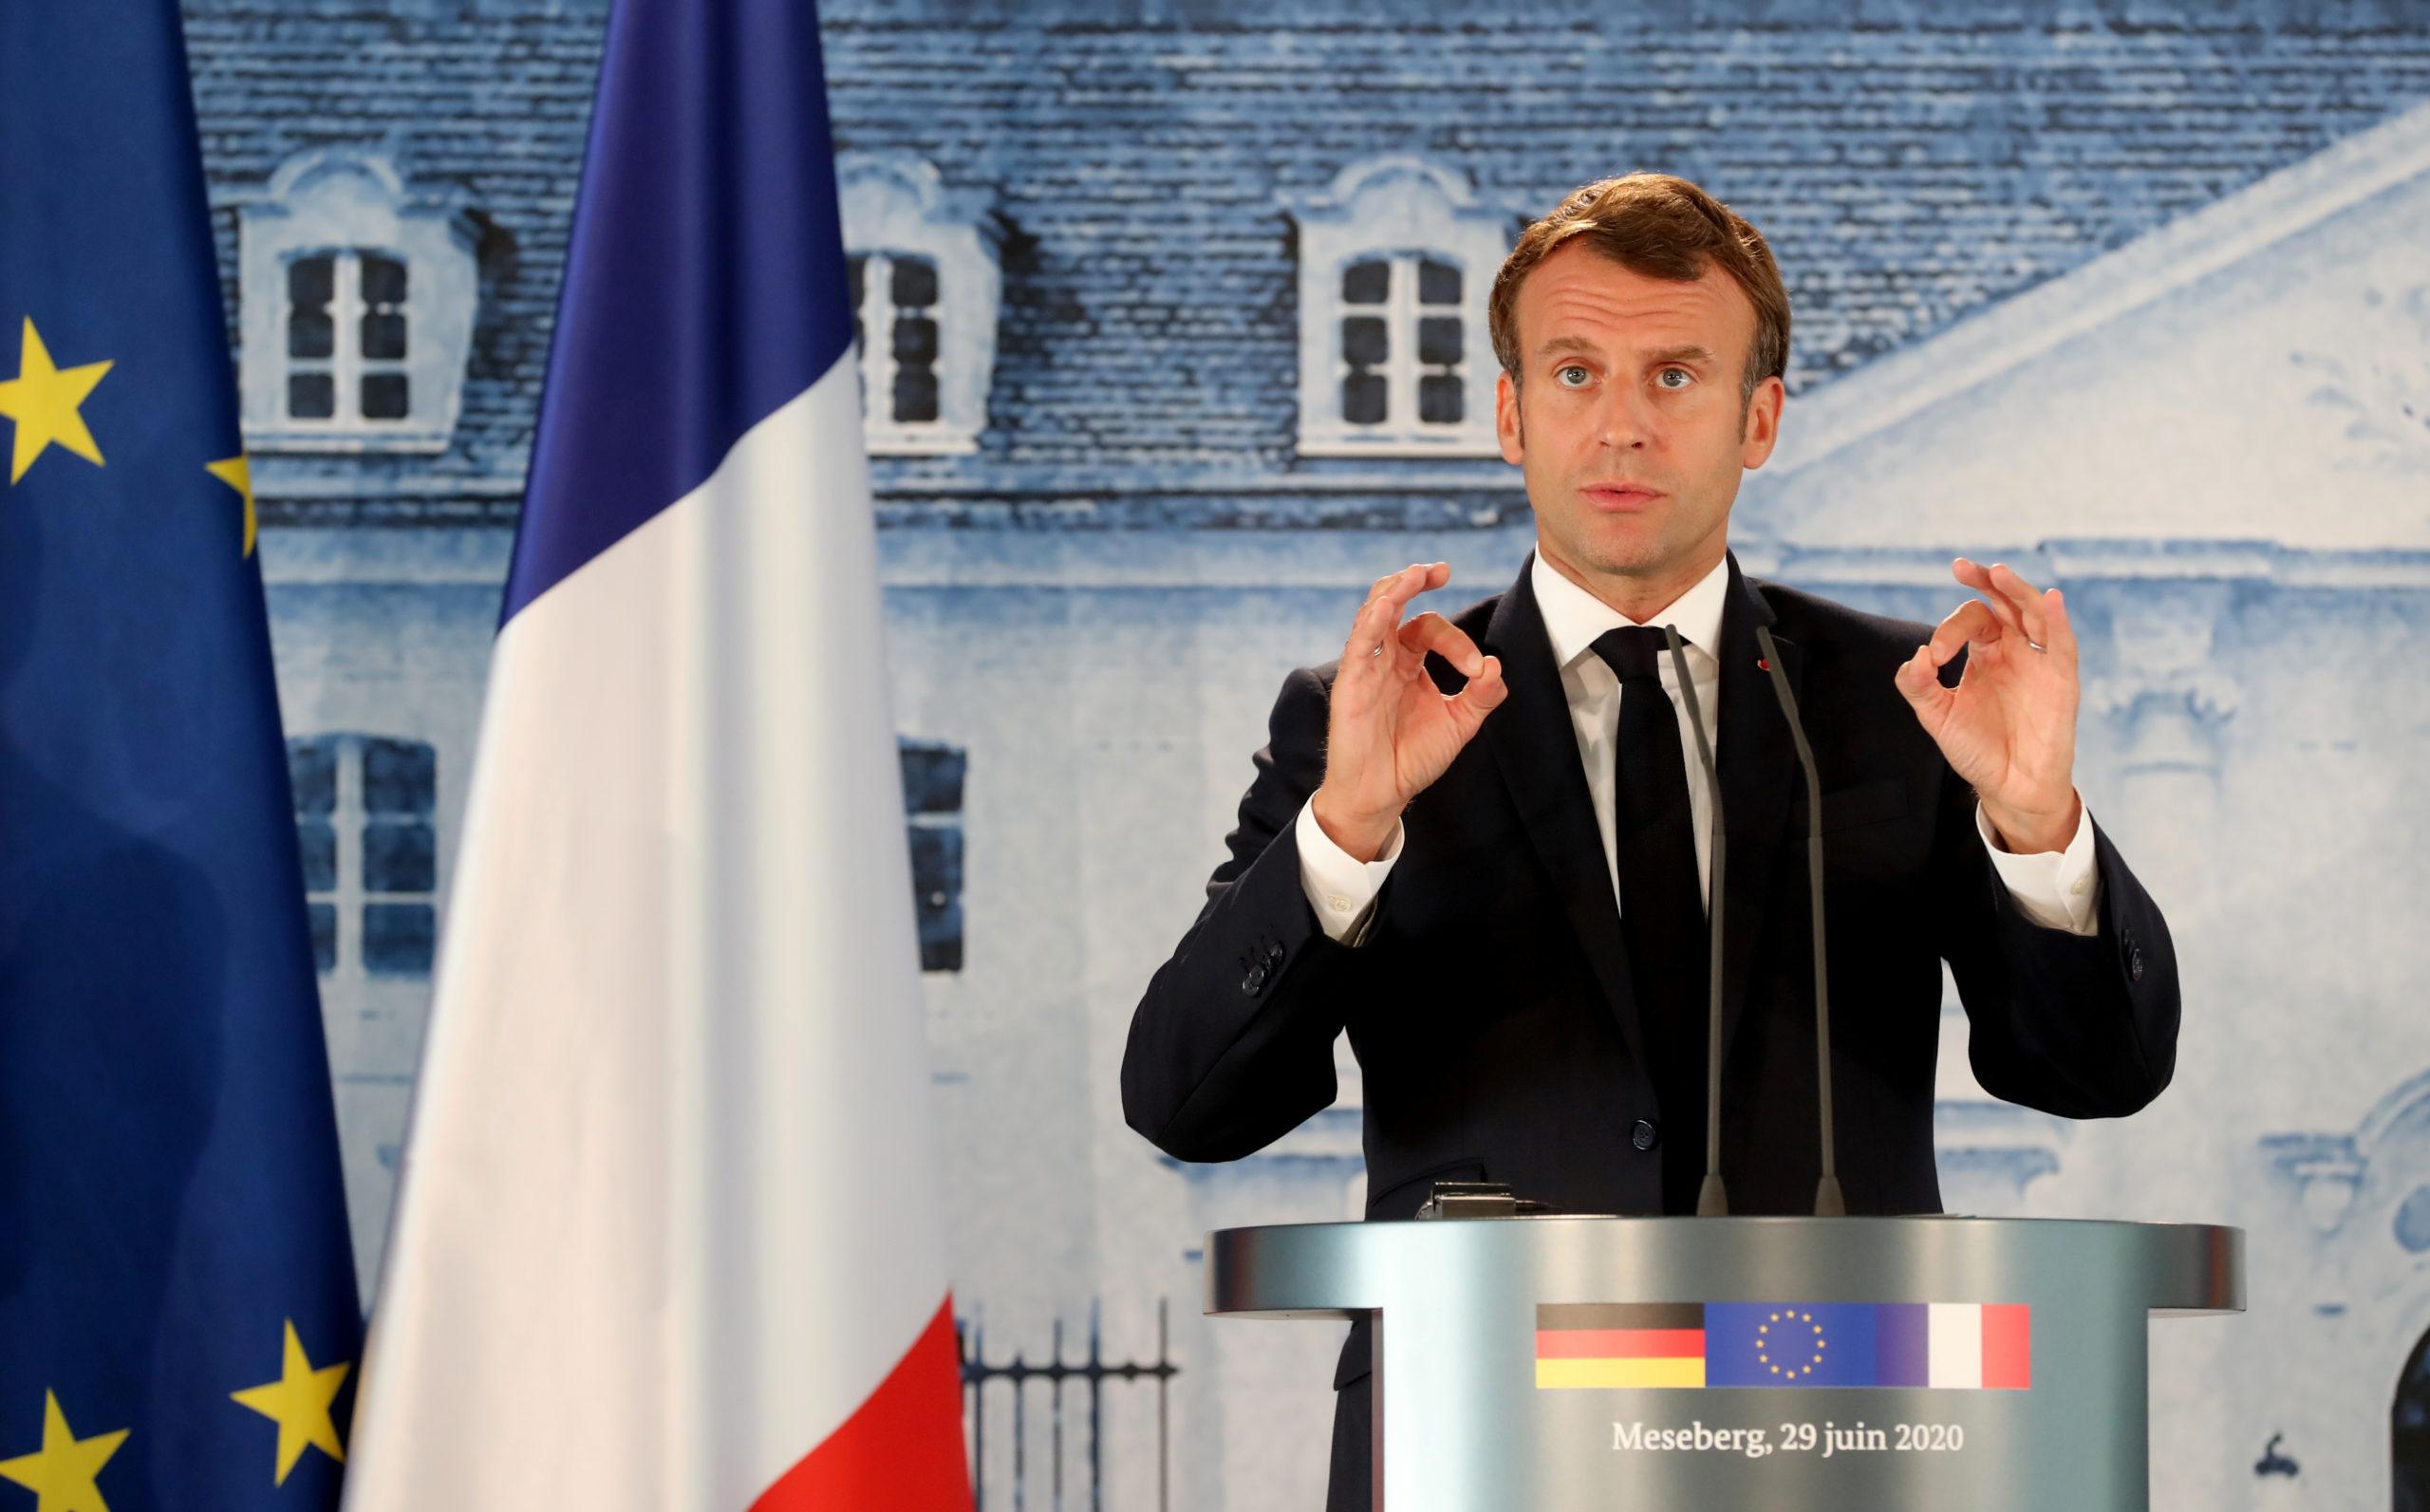 Macron réaffirme son désir d'accord sur le plan de relance de l'UE en juillet